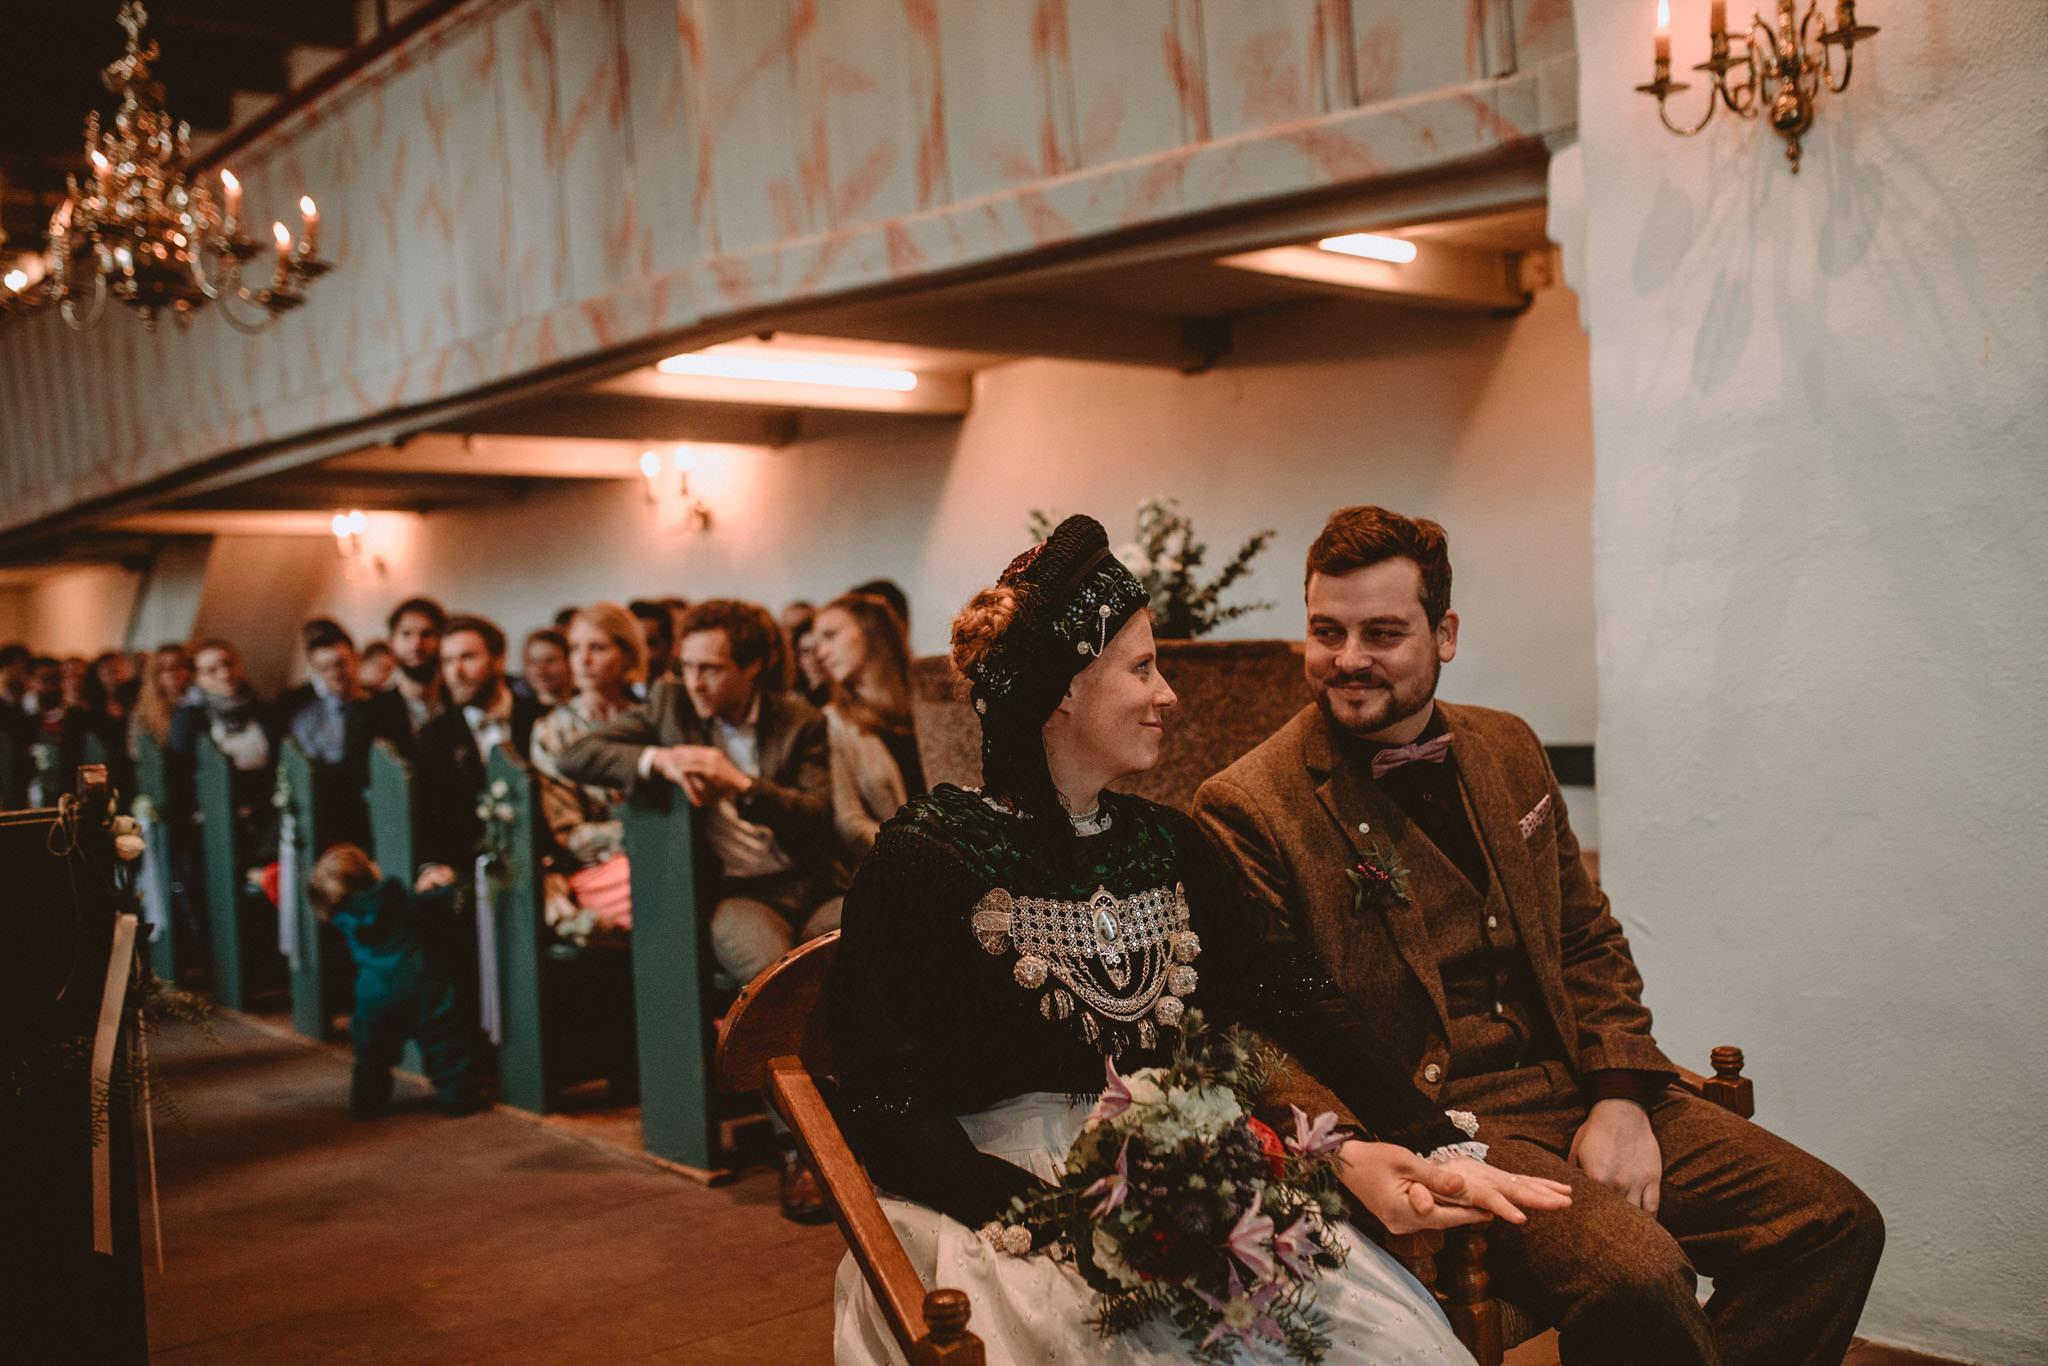 Hochzeit_auf_Amrum_Tracht_0739